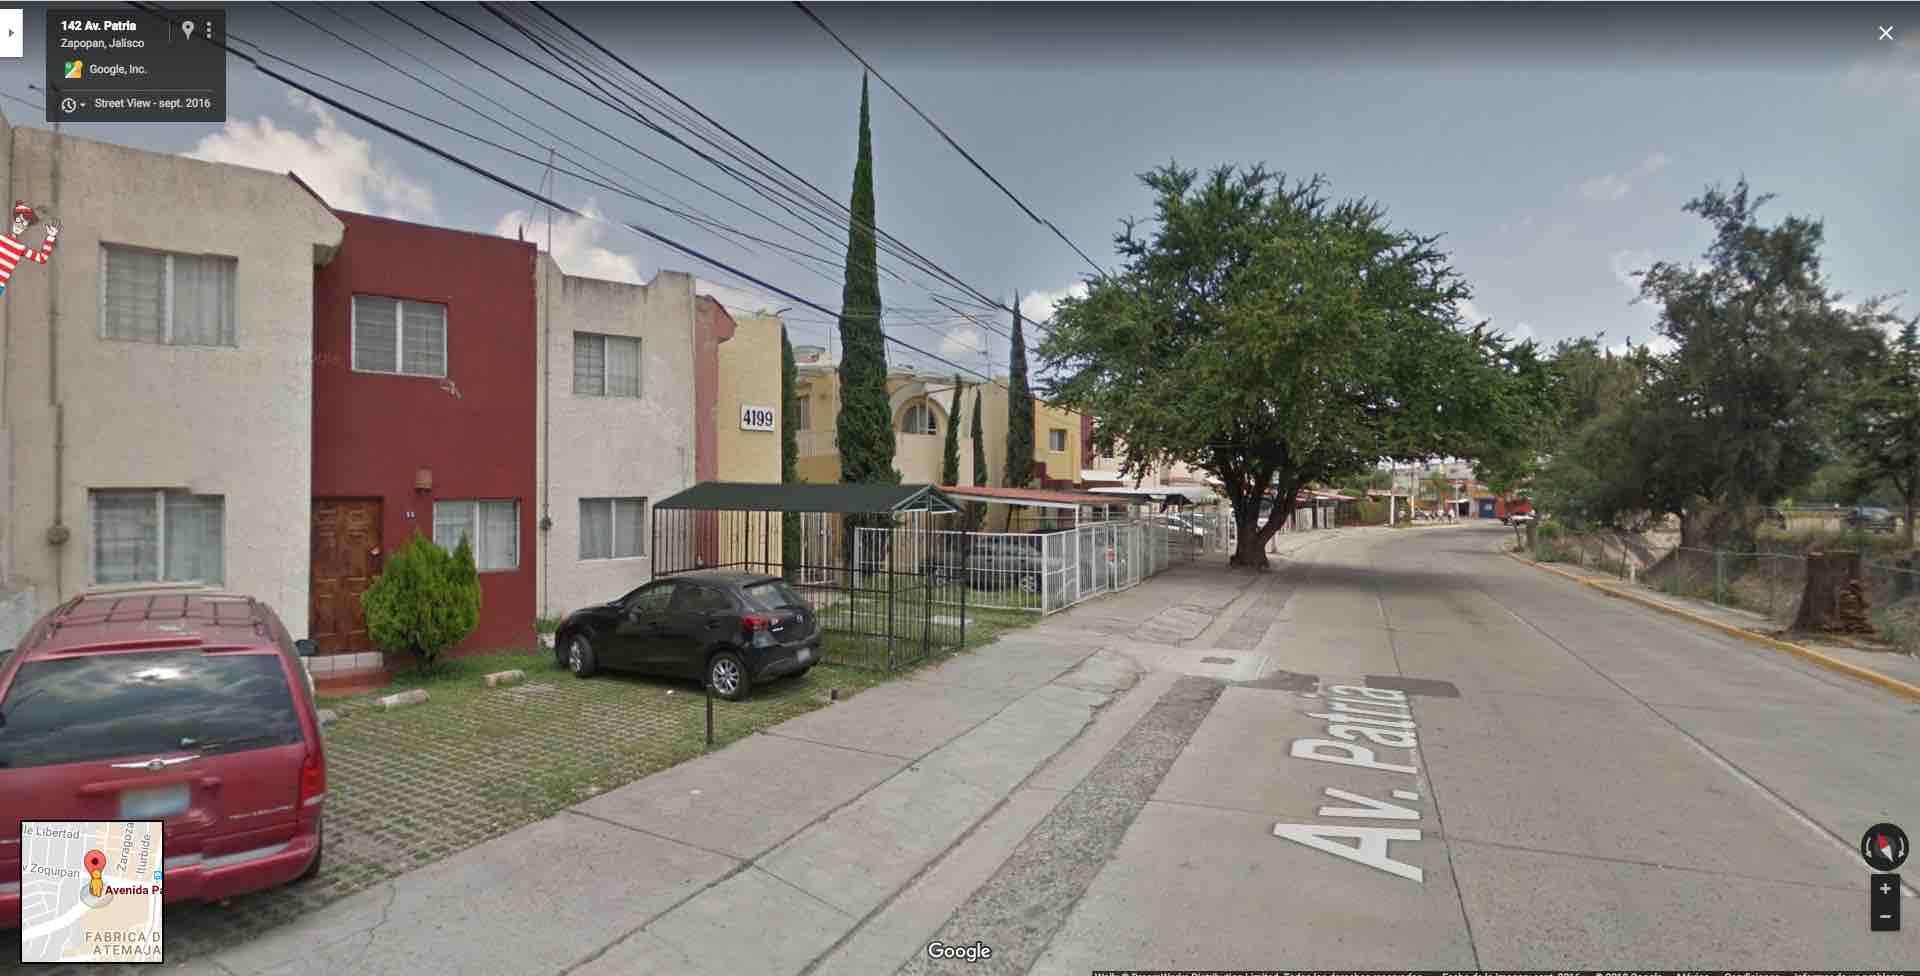 Fracc. Atemajac del Valle, Av. Patria 4199, Casa 22, Zapopan, Jal.